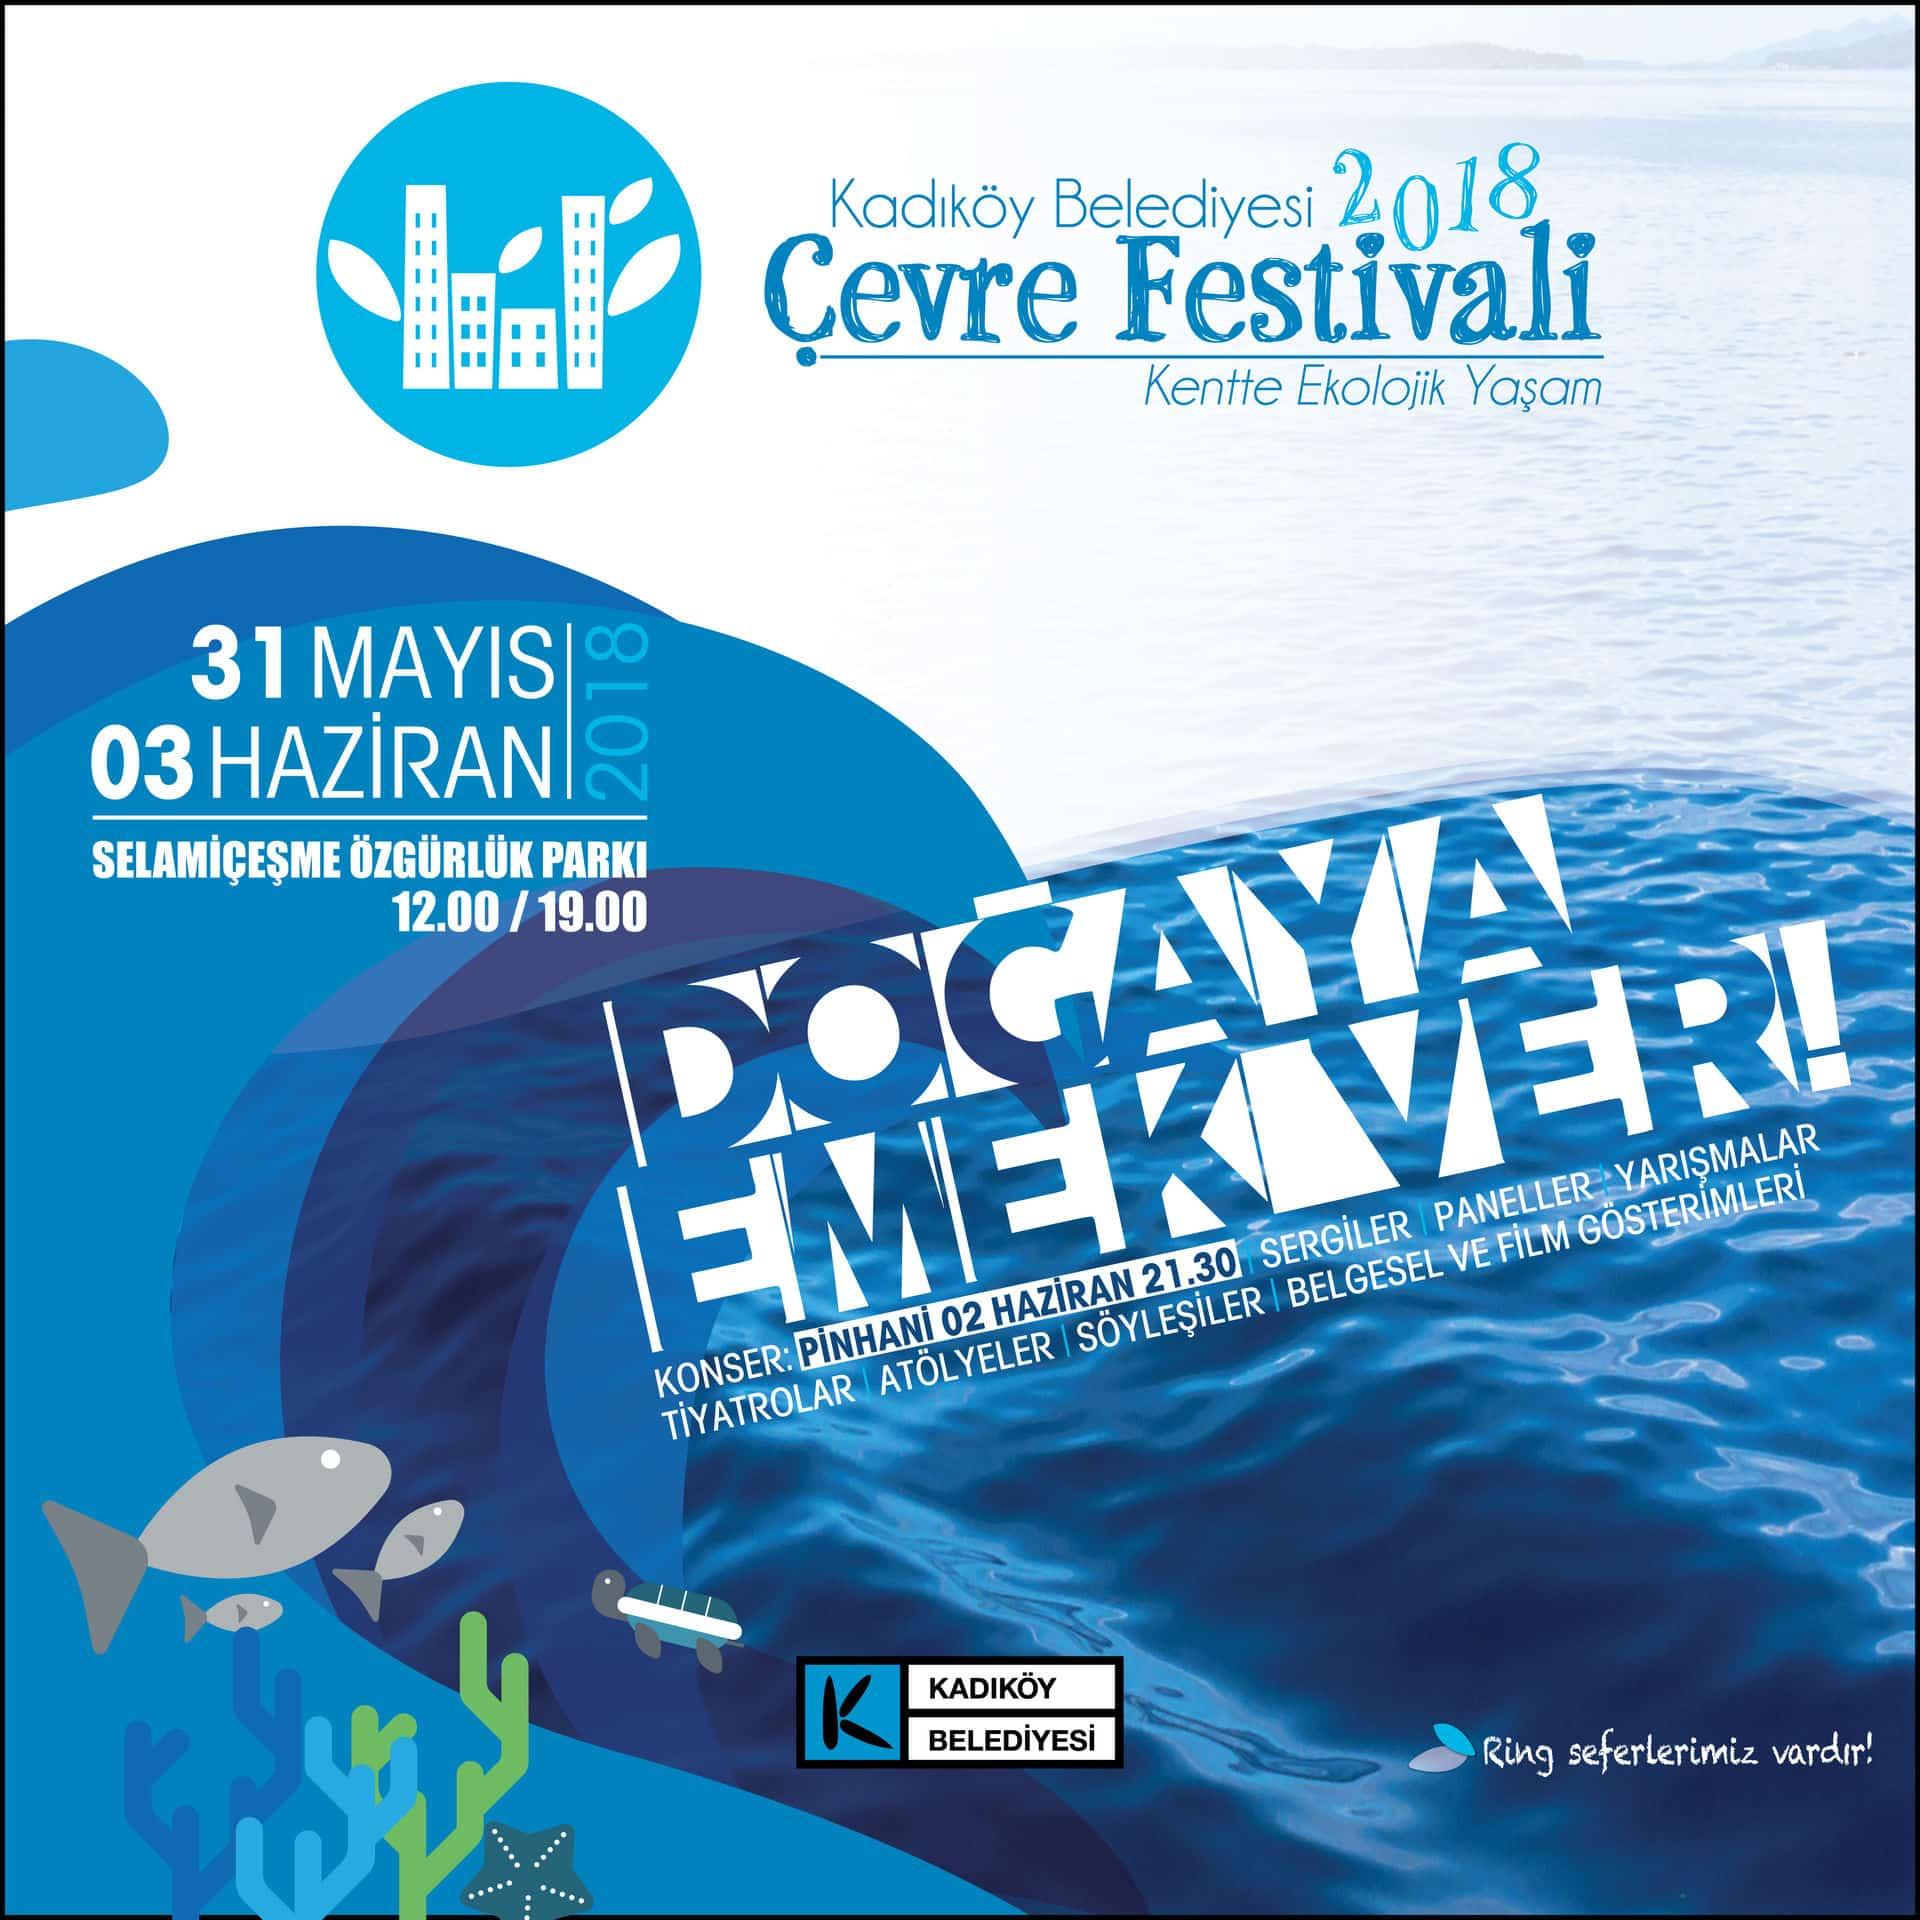 Kadıköy Çevre Festivali EkoHarita Standında Buluşuyoruz!